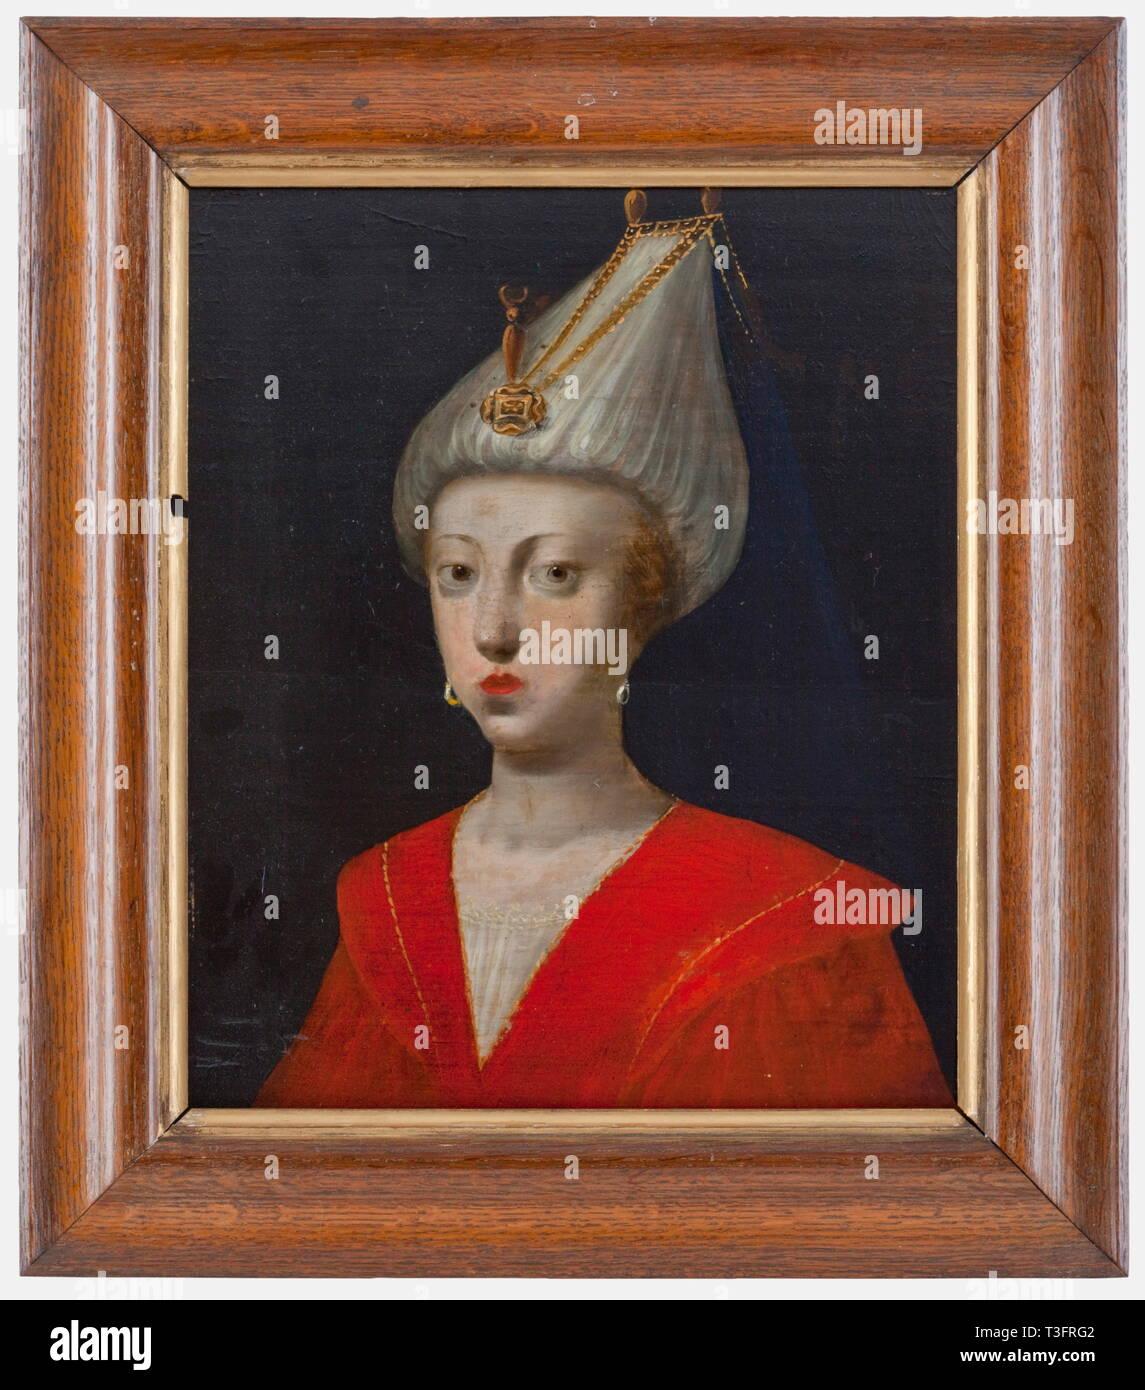 Un retrato de Roxelane, Alemania o Francia, siglo XVIII Oleo sobre madera de roble. Busto retrato de una joven mujer rubia fresa con harem turco vestido y joyas de oro. Panel de la pintura roto en el oriente, restaurada. Posteriormente el bastidor de madera de roble. Dimensiones de la pintura de 31 x 26 cm, enmarcado dimensiones 40 x 35 cm. Roxelane era una joven chica polaca que fue secuestrado por los tártaros de Crimea y vendido a Estambul como un esclavo para el harén del antiguo harén. Como el primer esclavo concubina nunca fue liberada a la libertad por el sultán y se convirtió en la potencia, Additional-Rights-Clearance-Info-Not-Available Foto de stock